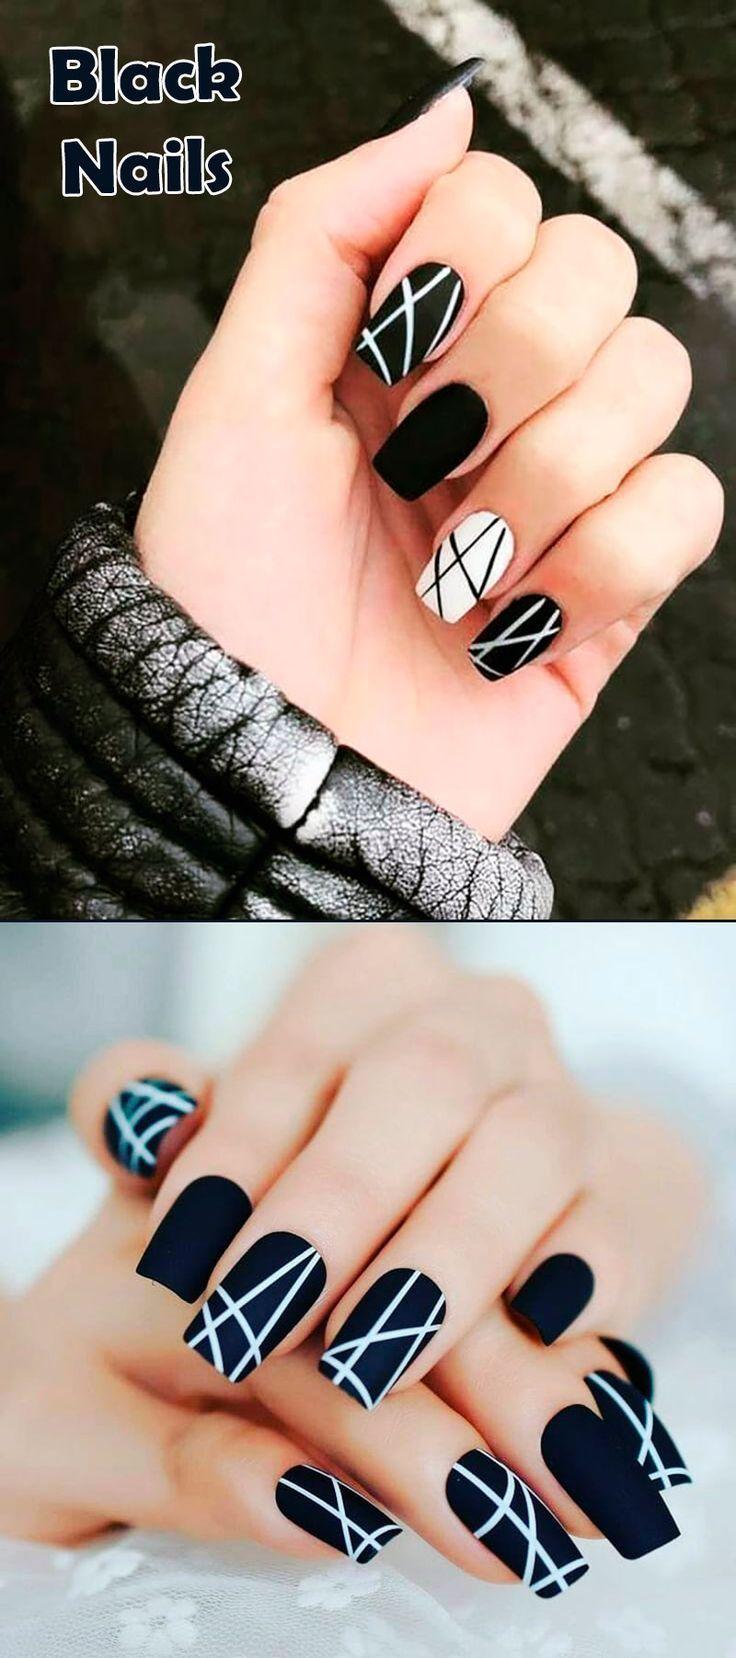 Los Black Winter Nails ideas más hermosas sólo algunas bonitas fotos